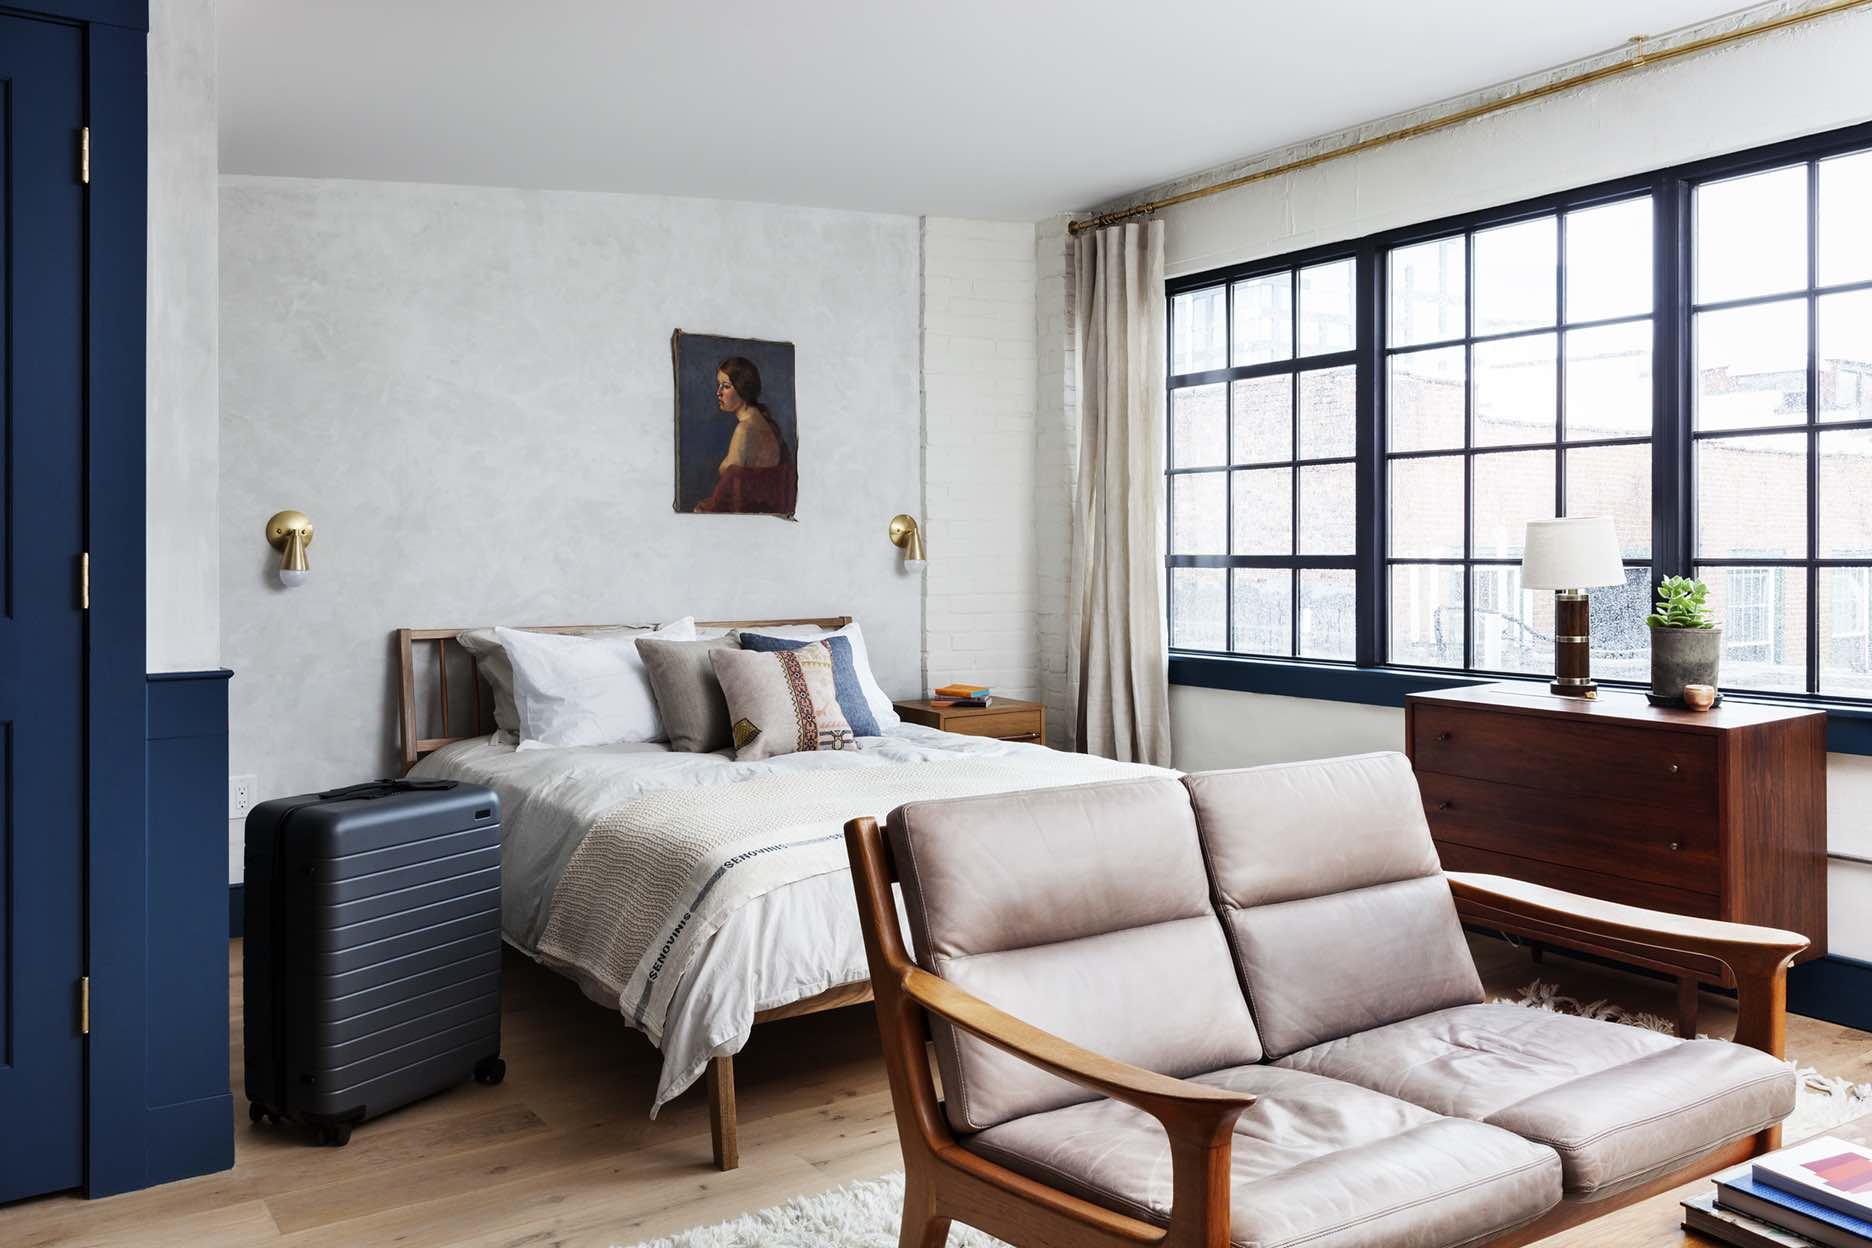 Lokal-Hotel-Philadelphia-OldCity-Ben-LivingRoom-2.jpg